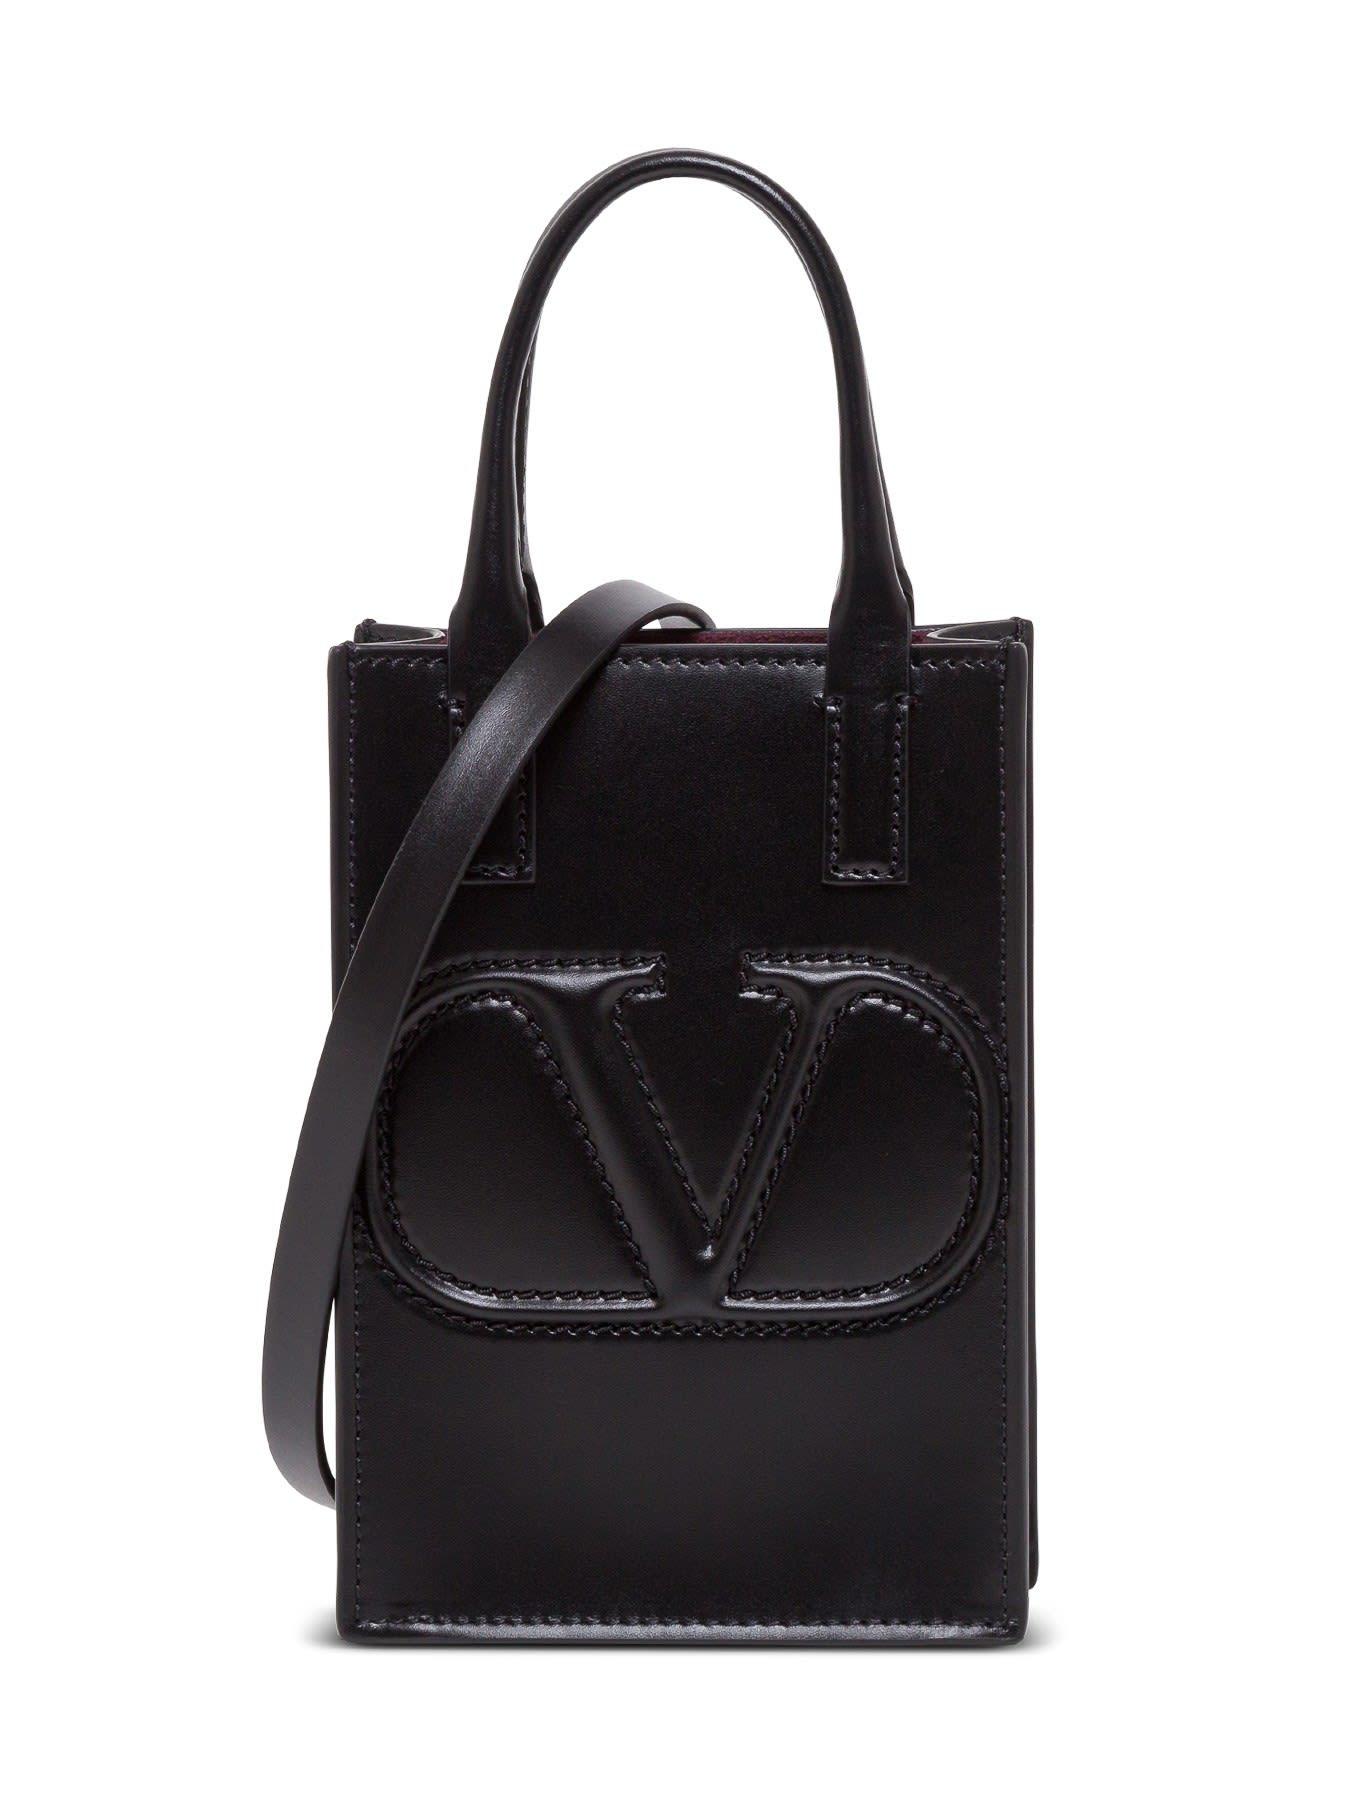 Valentino Garavani Vlogo Leather Crossbody Bag In Black